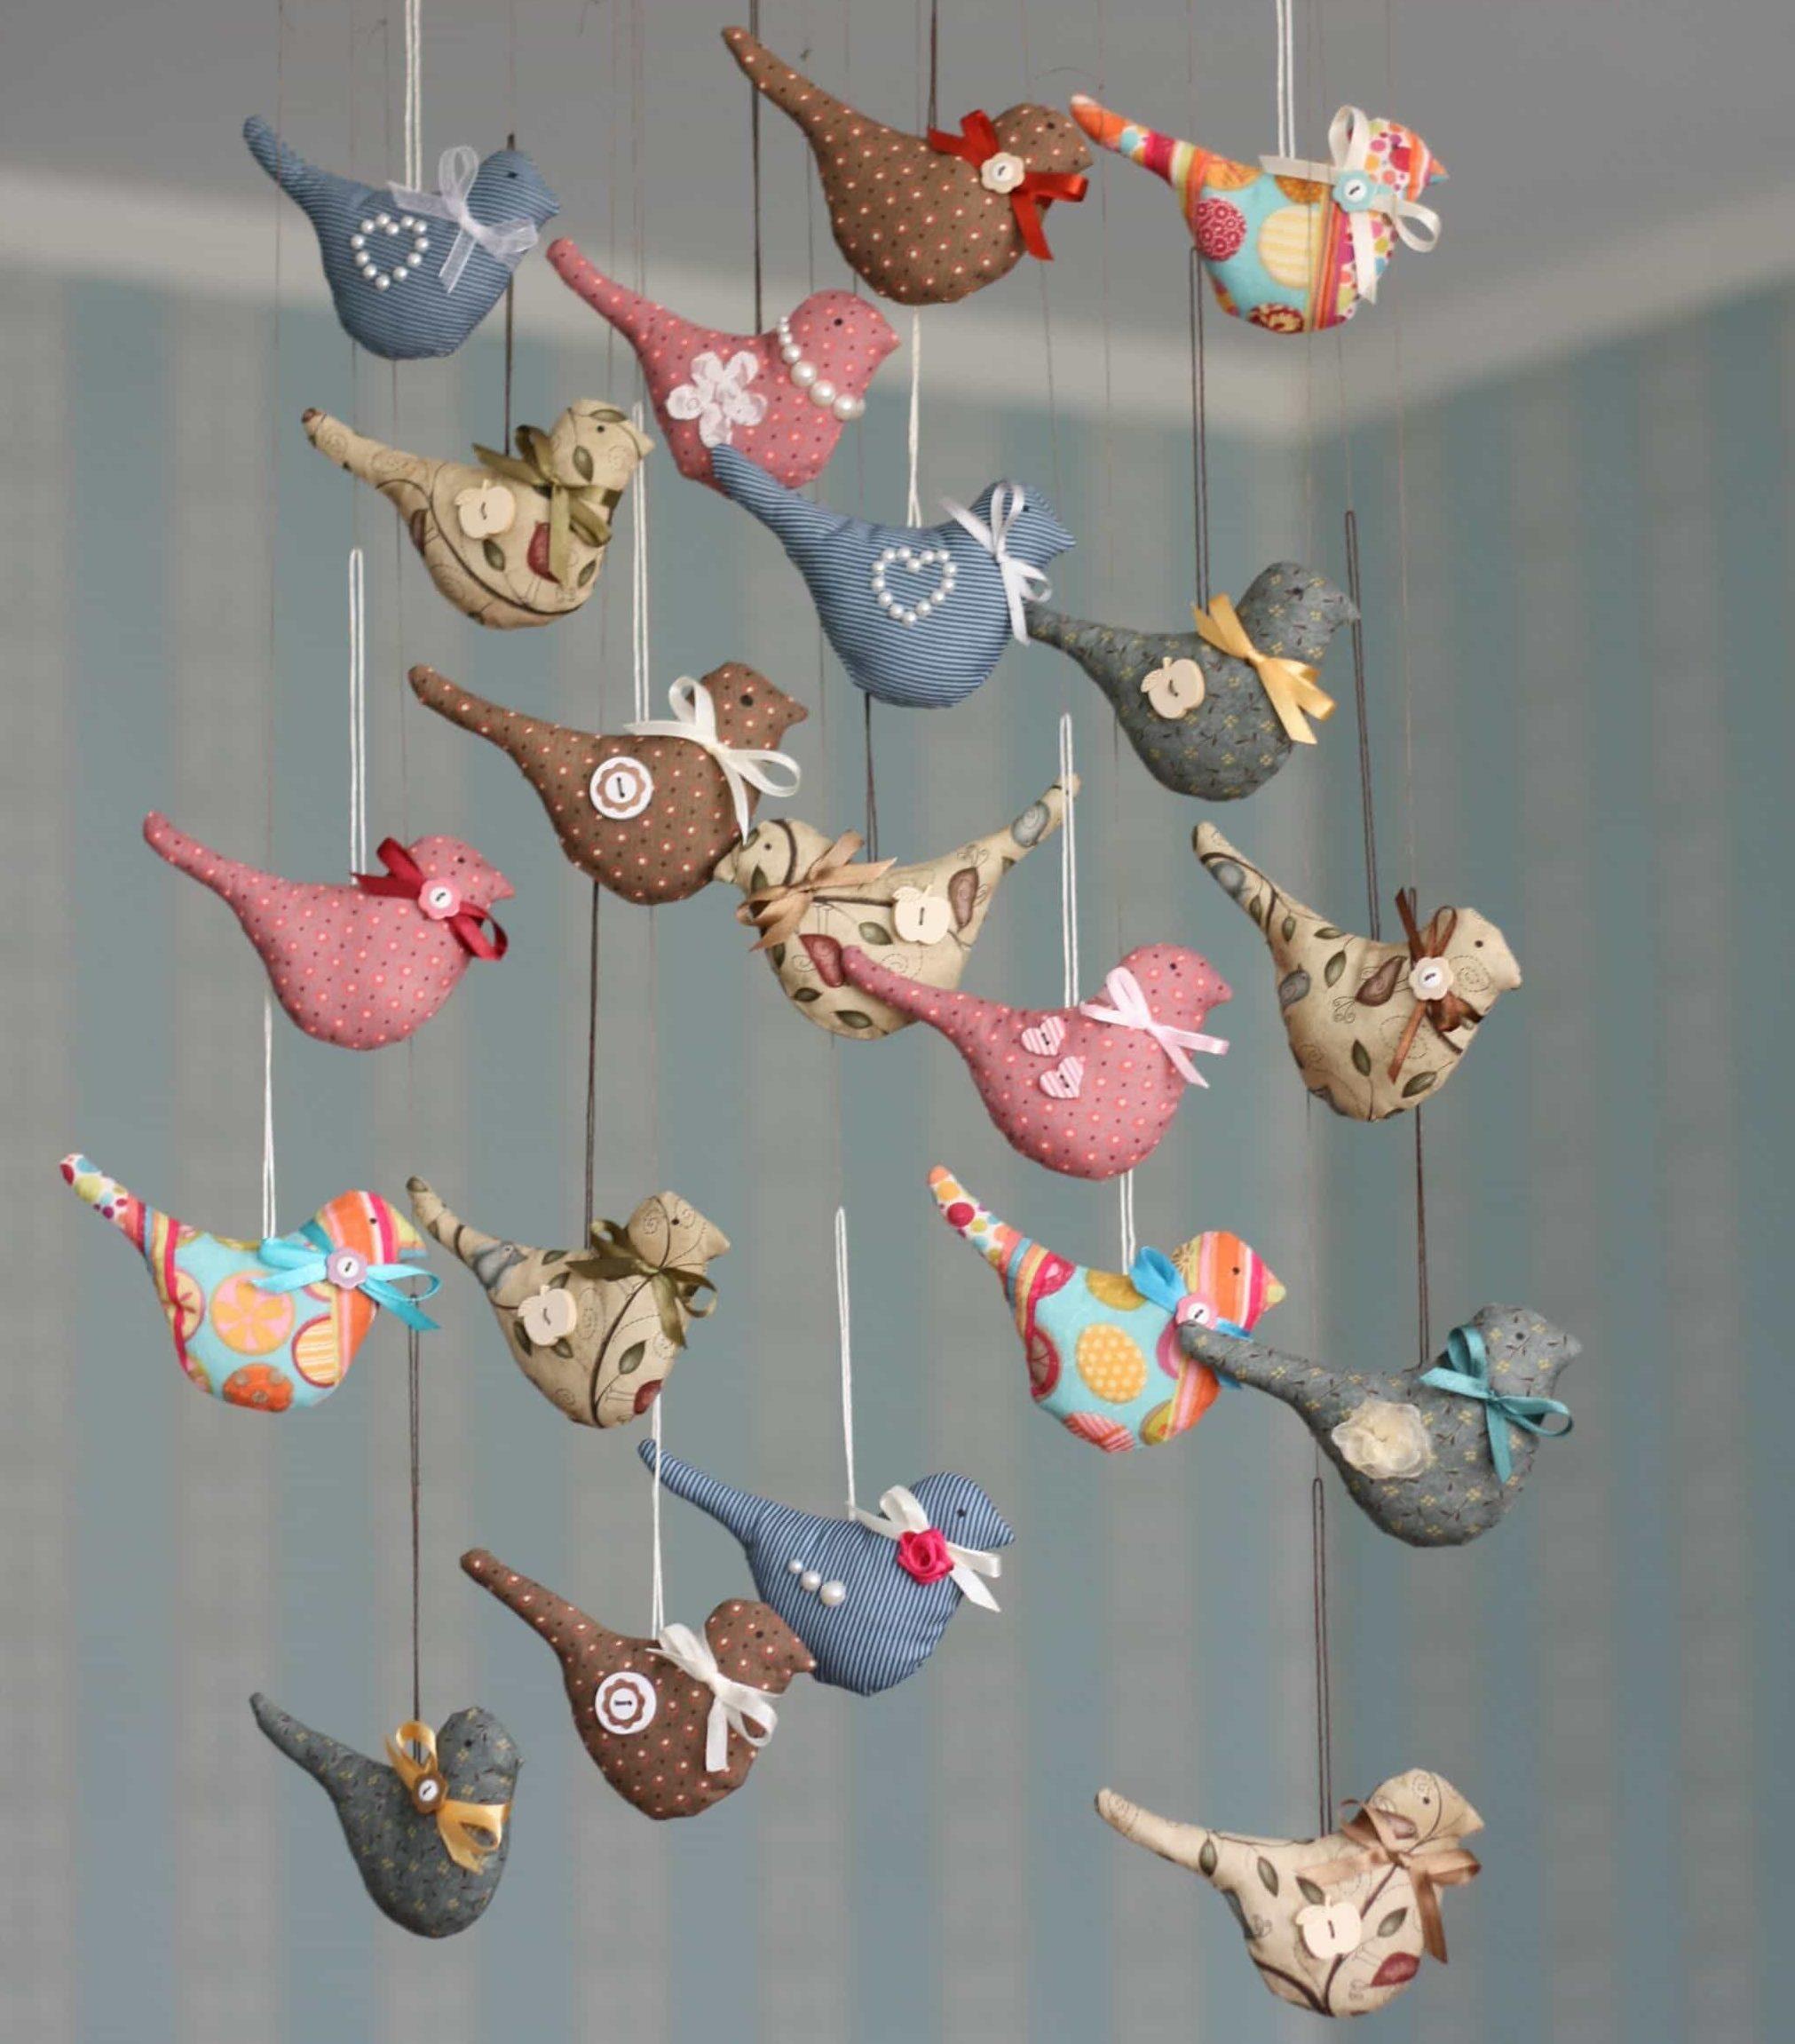 Oiseaux textiles à faire soi-même à partir de lambeaux colorés